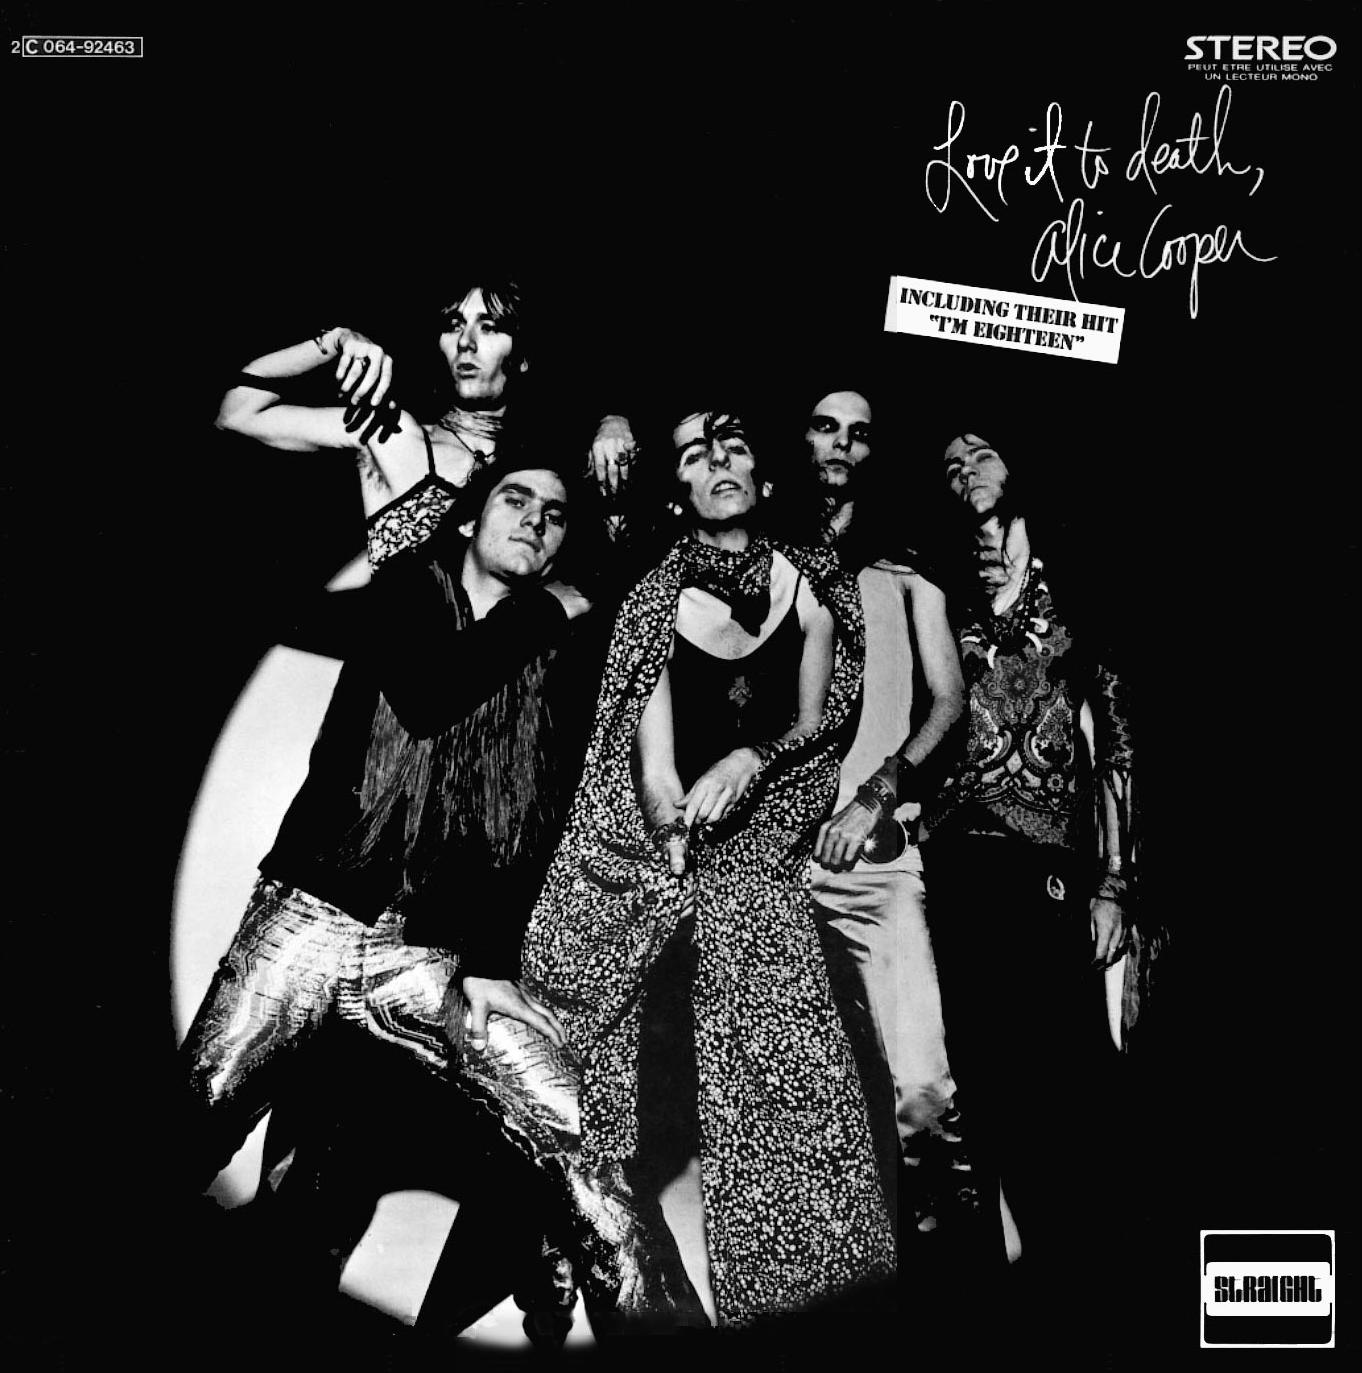 Alice Cooper - Love It to Death: Um dedo nunca causou tanto problema antes de 1971. Na capa do terceiro disco do inventor do shock rock, Cooper atravessou o ziper de sua calça com um dedo. Isso foi o suficiente para a capa ser censurada em diversas lojas e ter sua foto modificada em todas as edições posteriores do disco